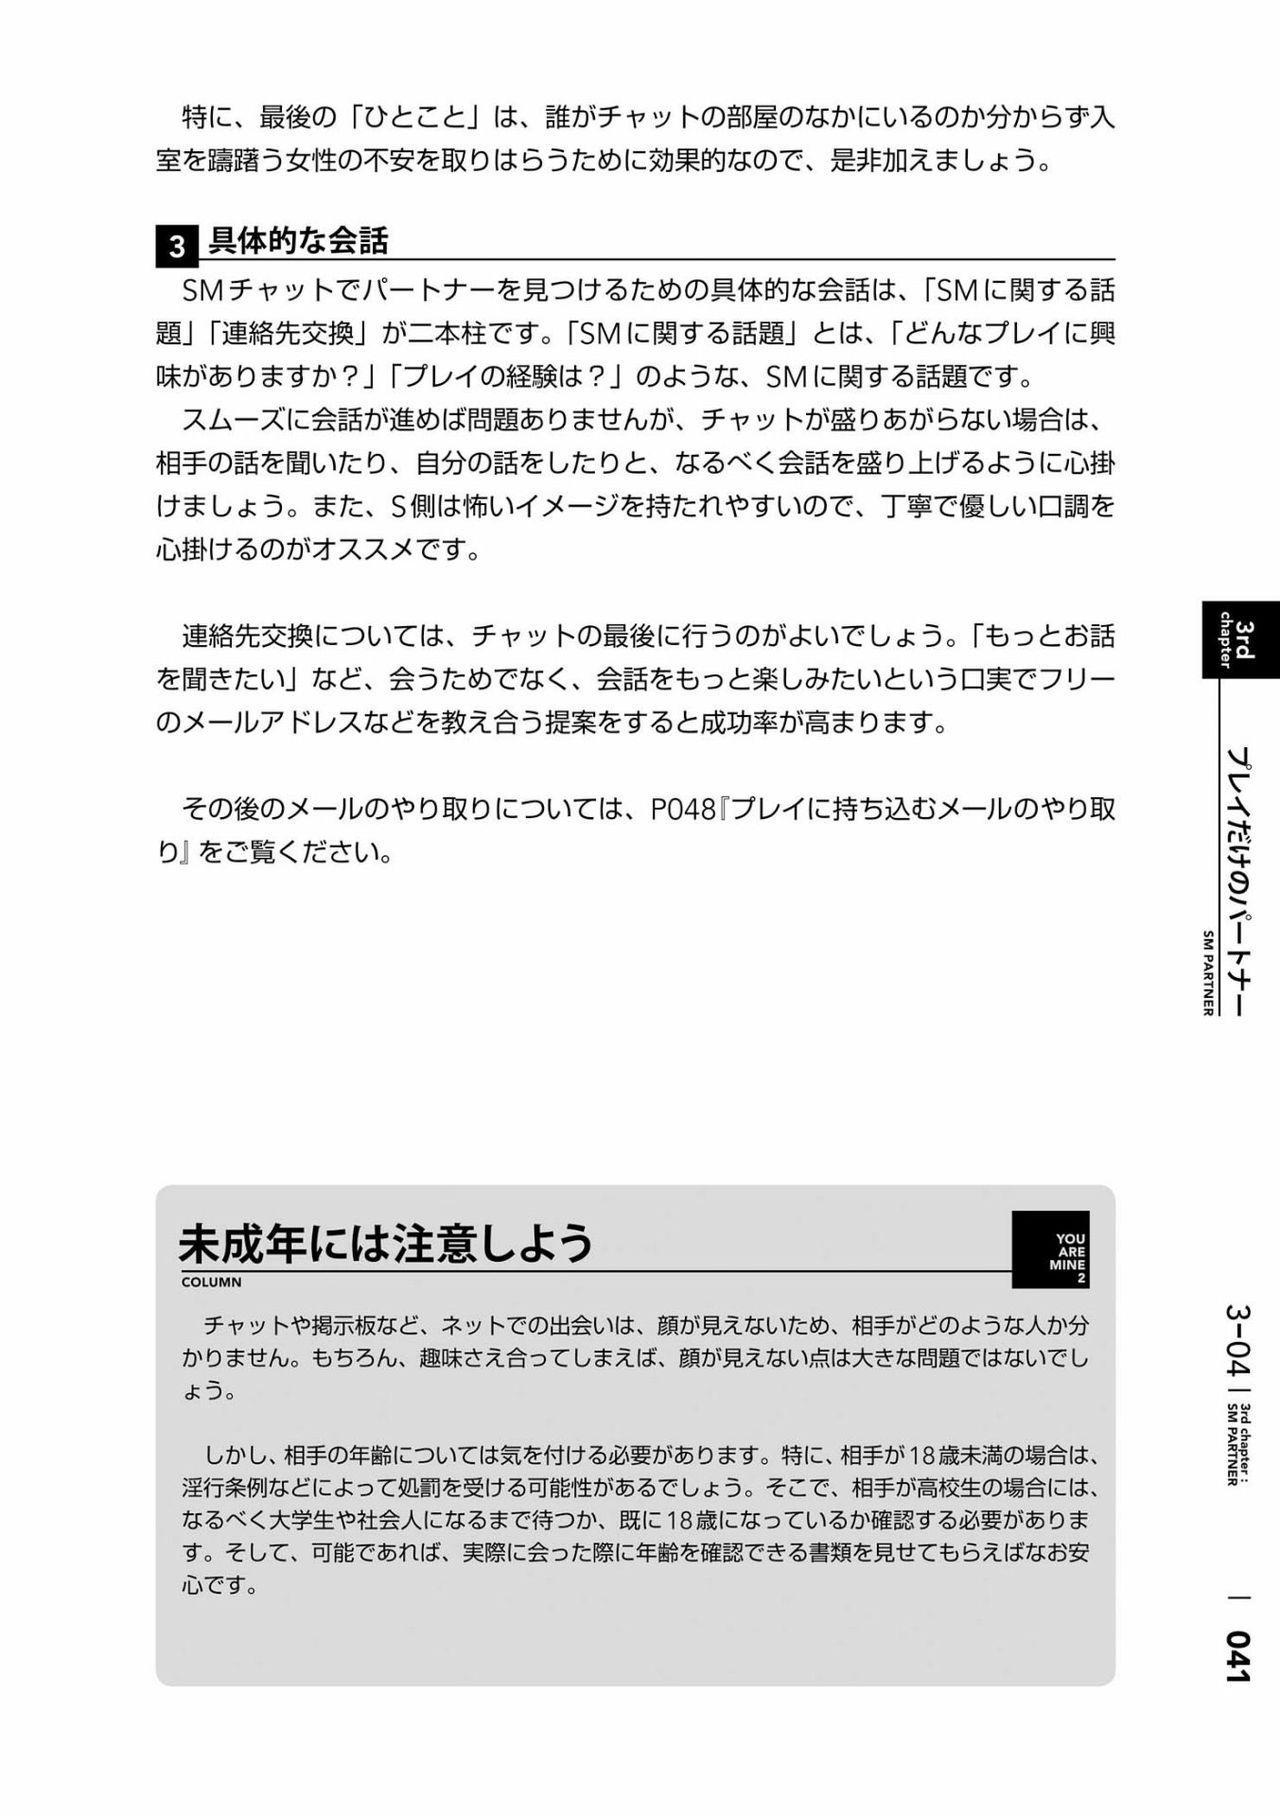 [Mitsuba] Karada mo Kokoro mo Boku no Mono ~Hajimete no SM Guide~ 2 [Digital] 43